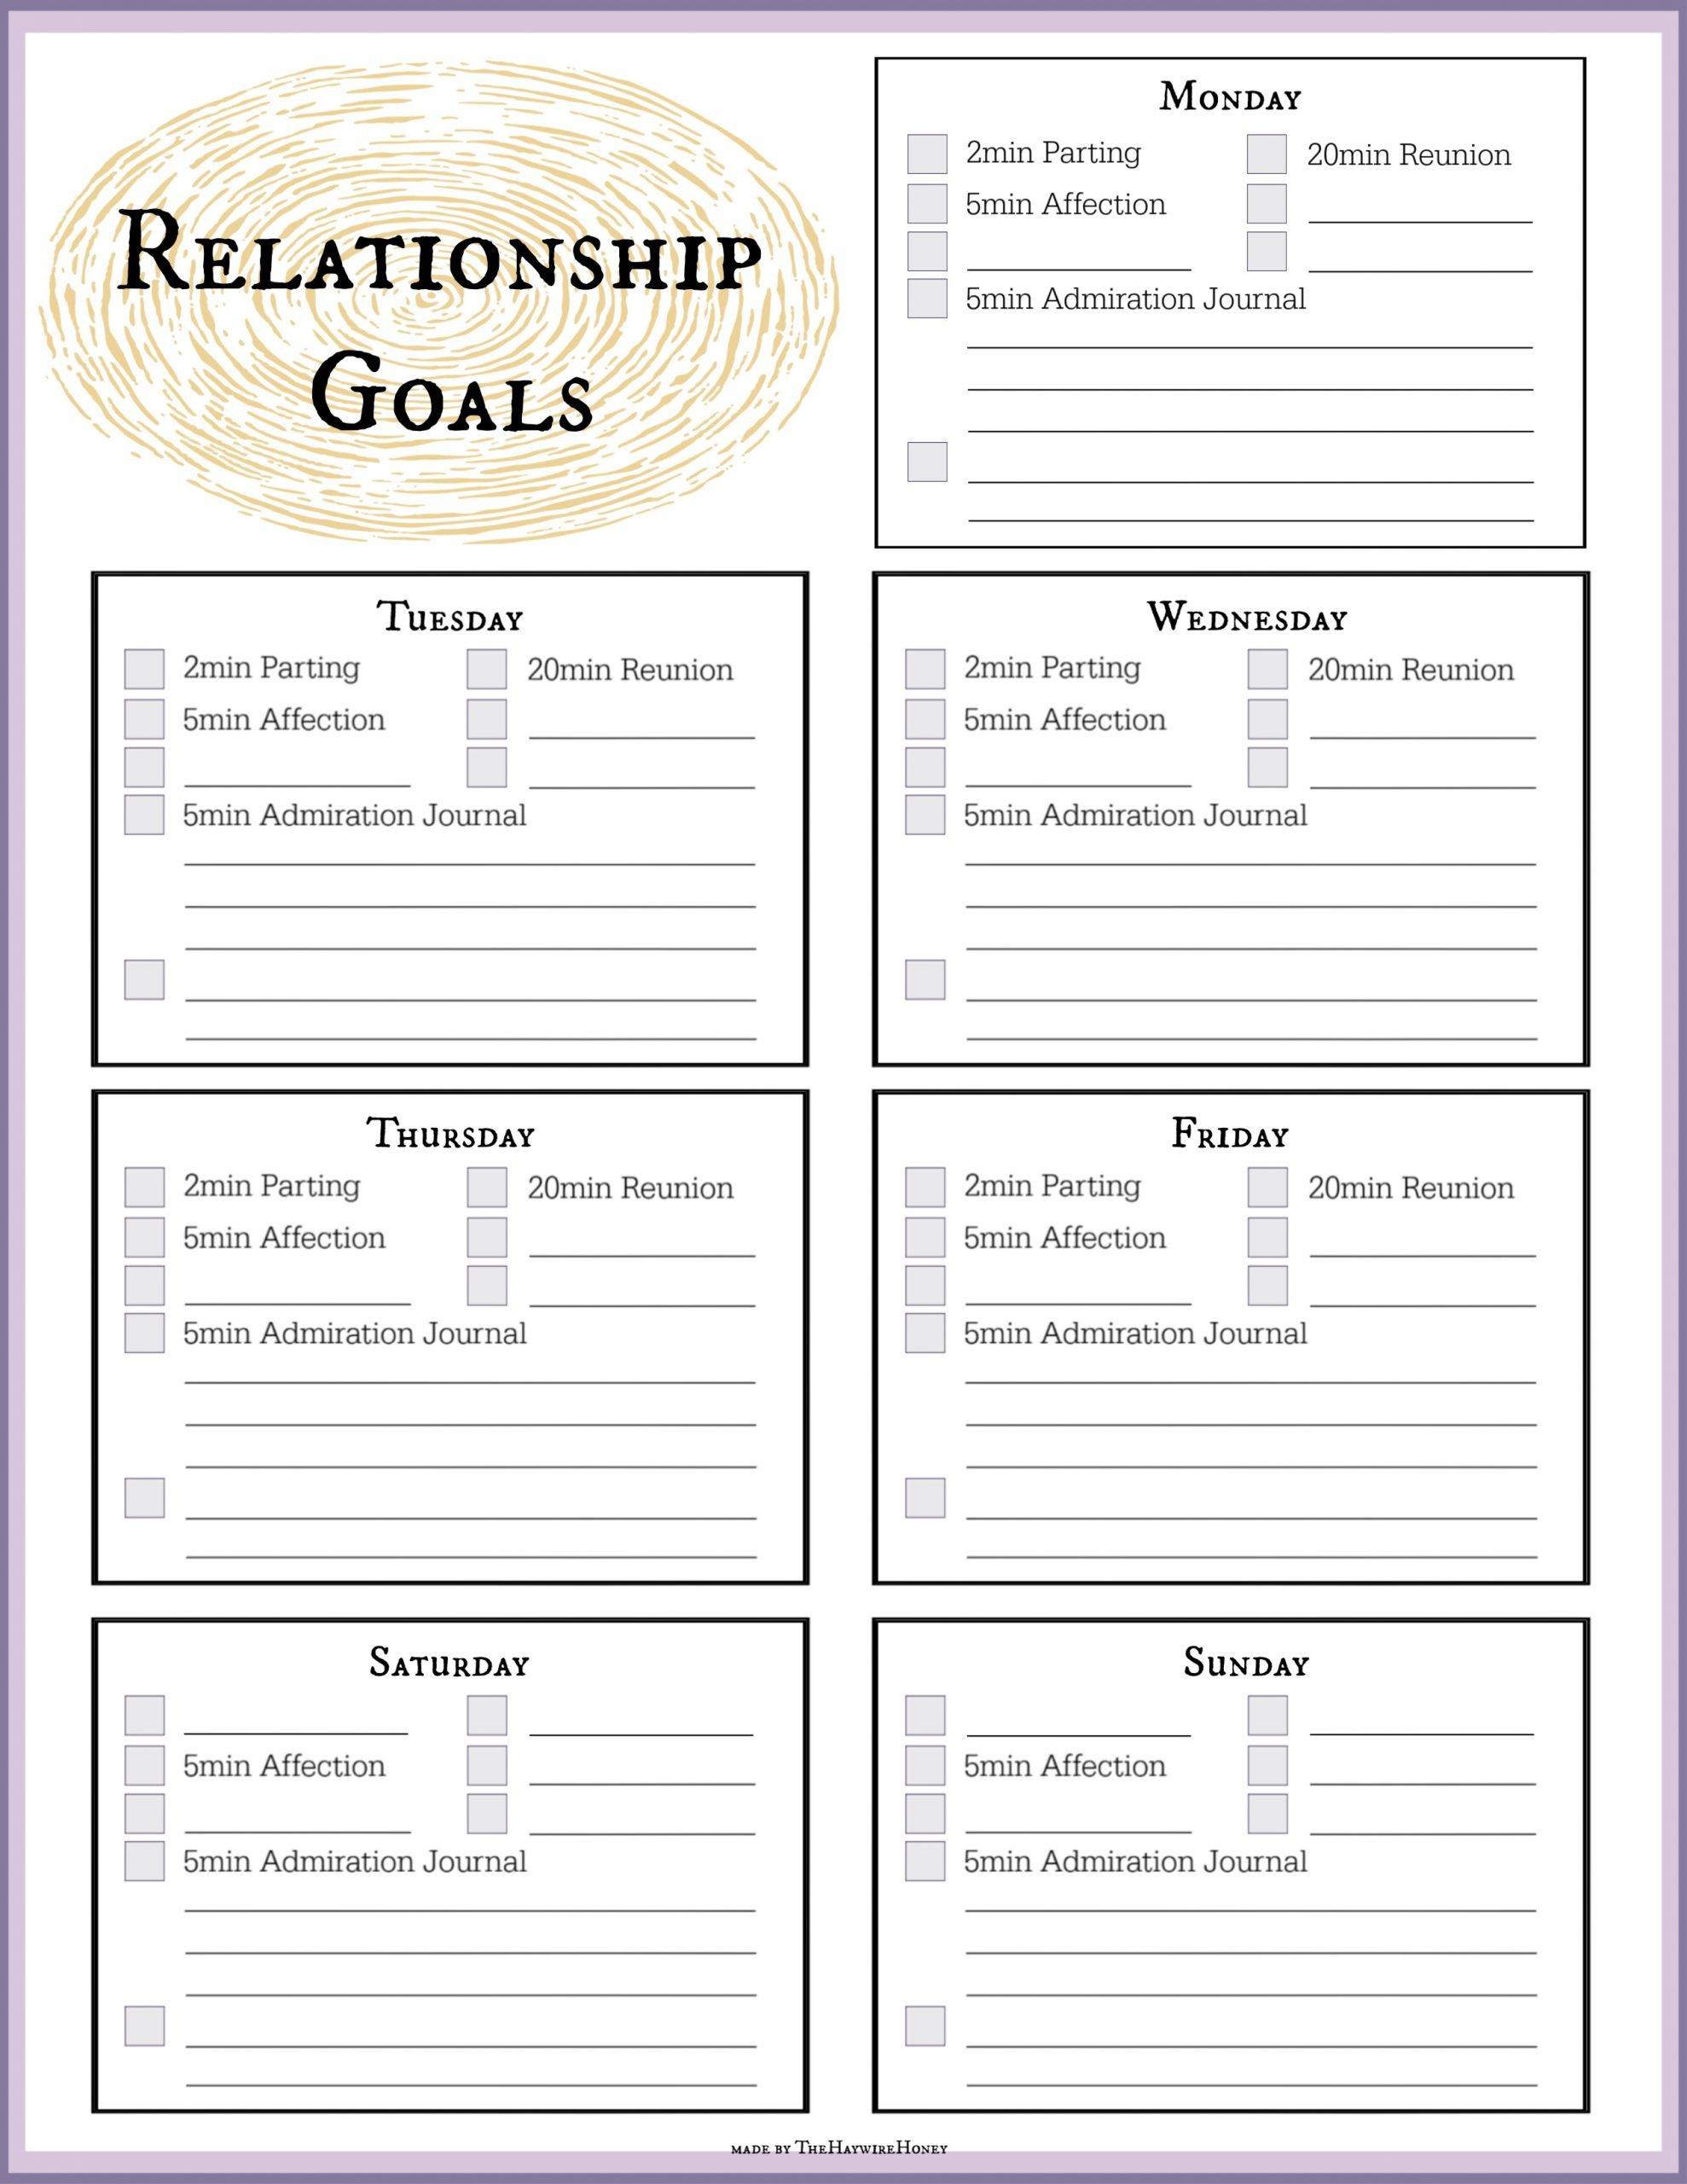 Worksheet To Track Tasks For Relationship Goals